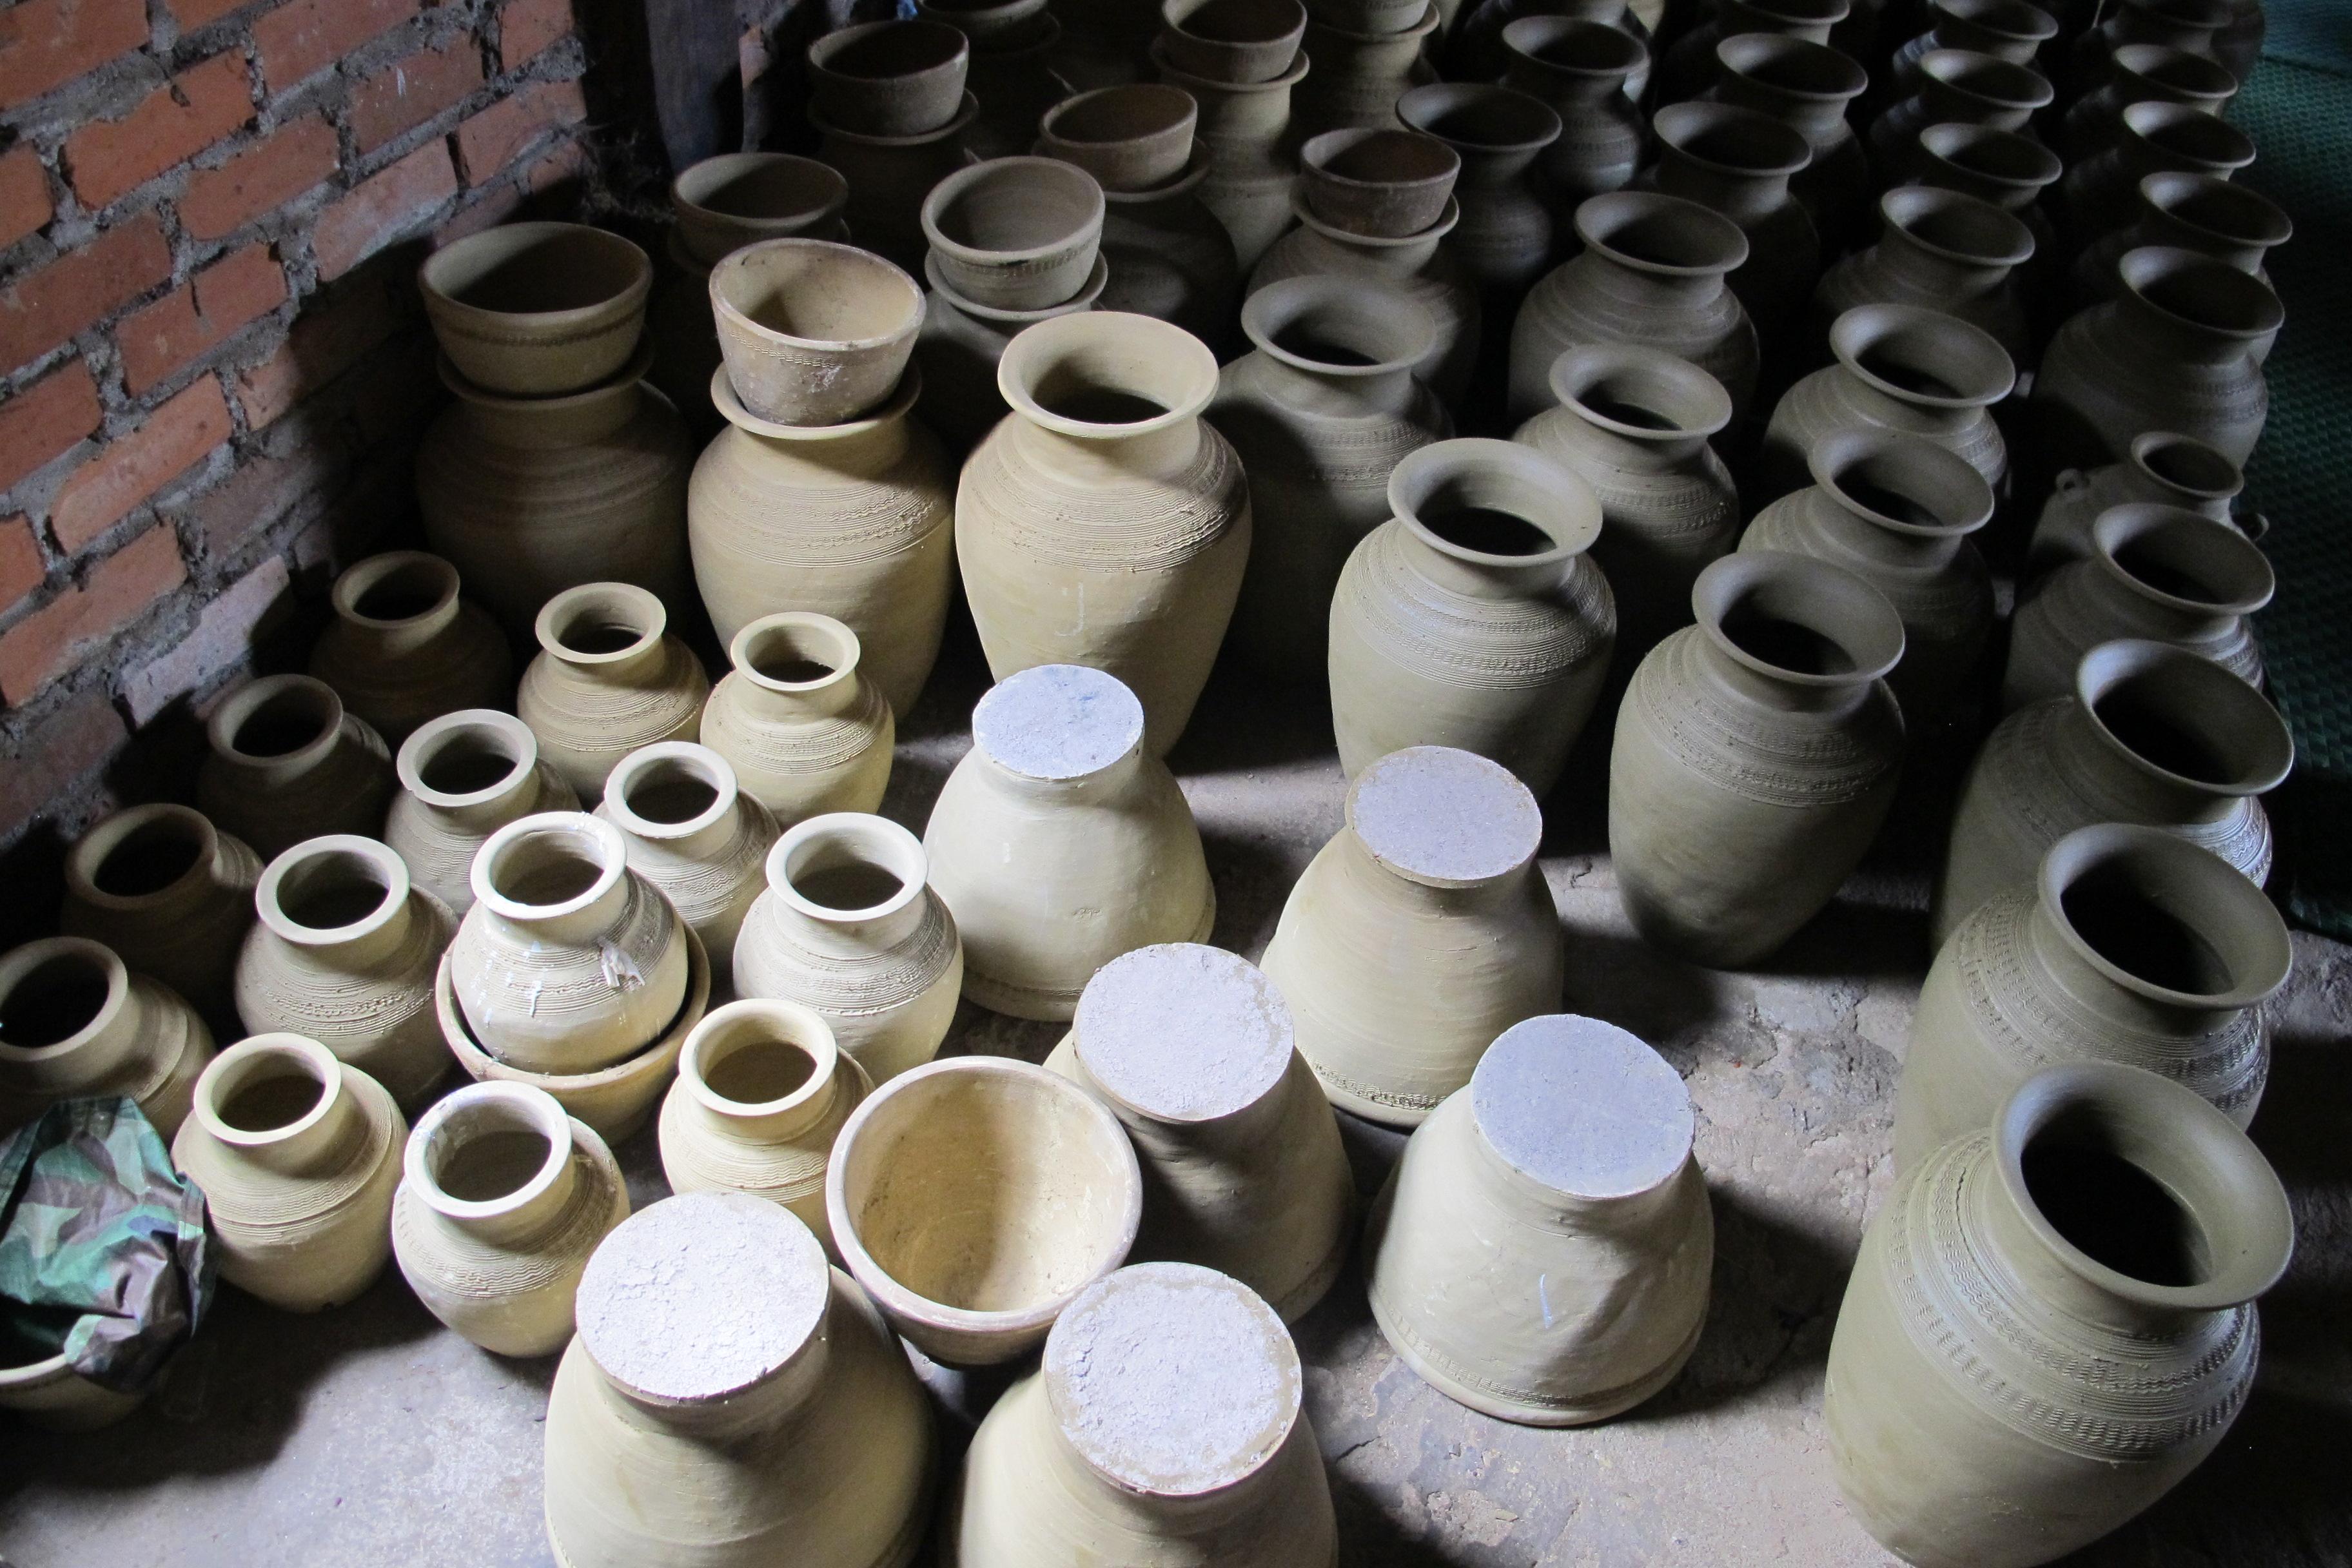 写真9 ルー村 室内で土器を乾燥させる(撮影:調査団員)